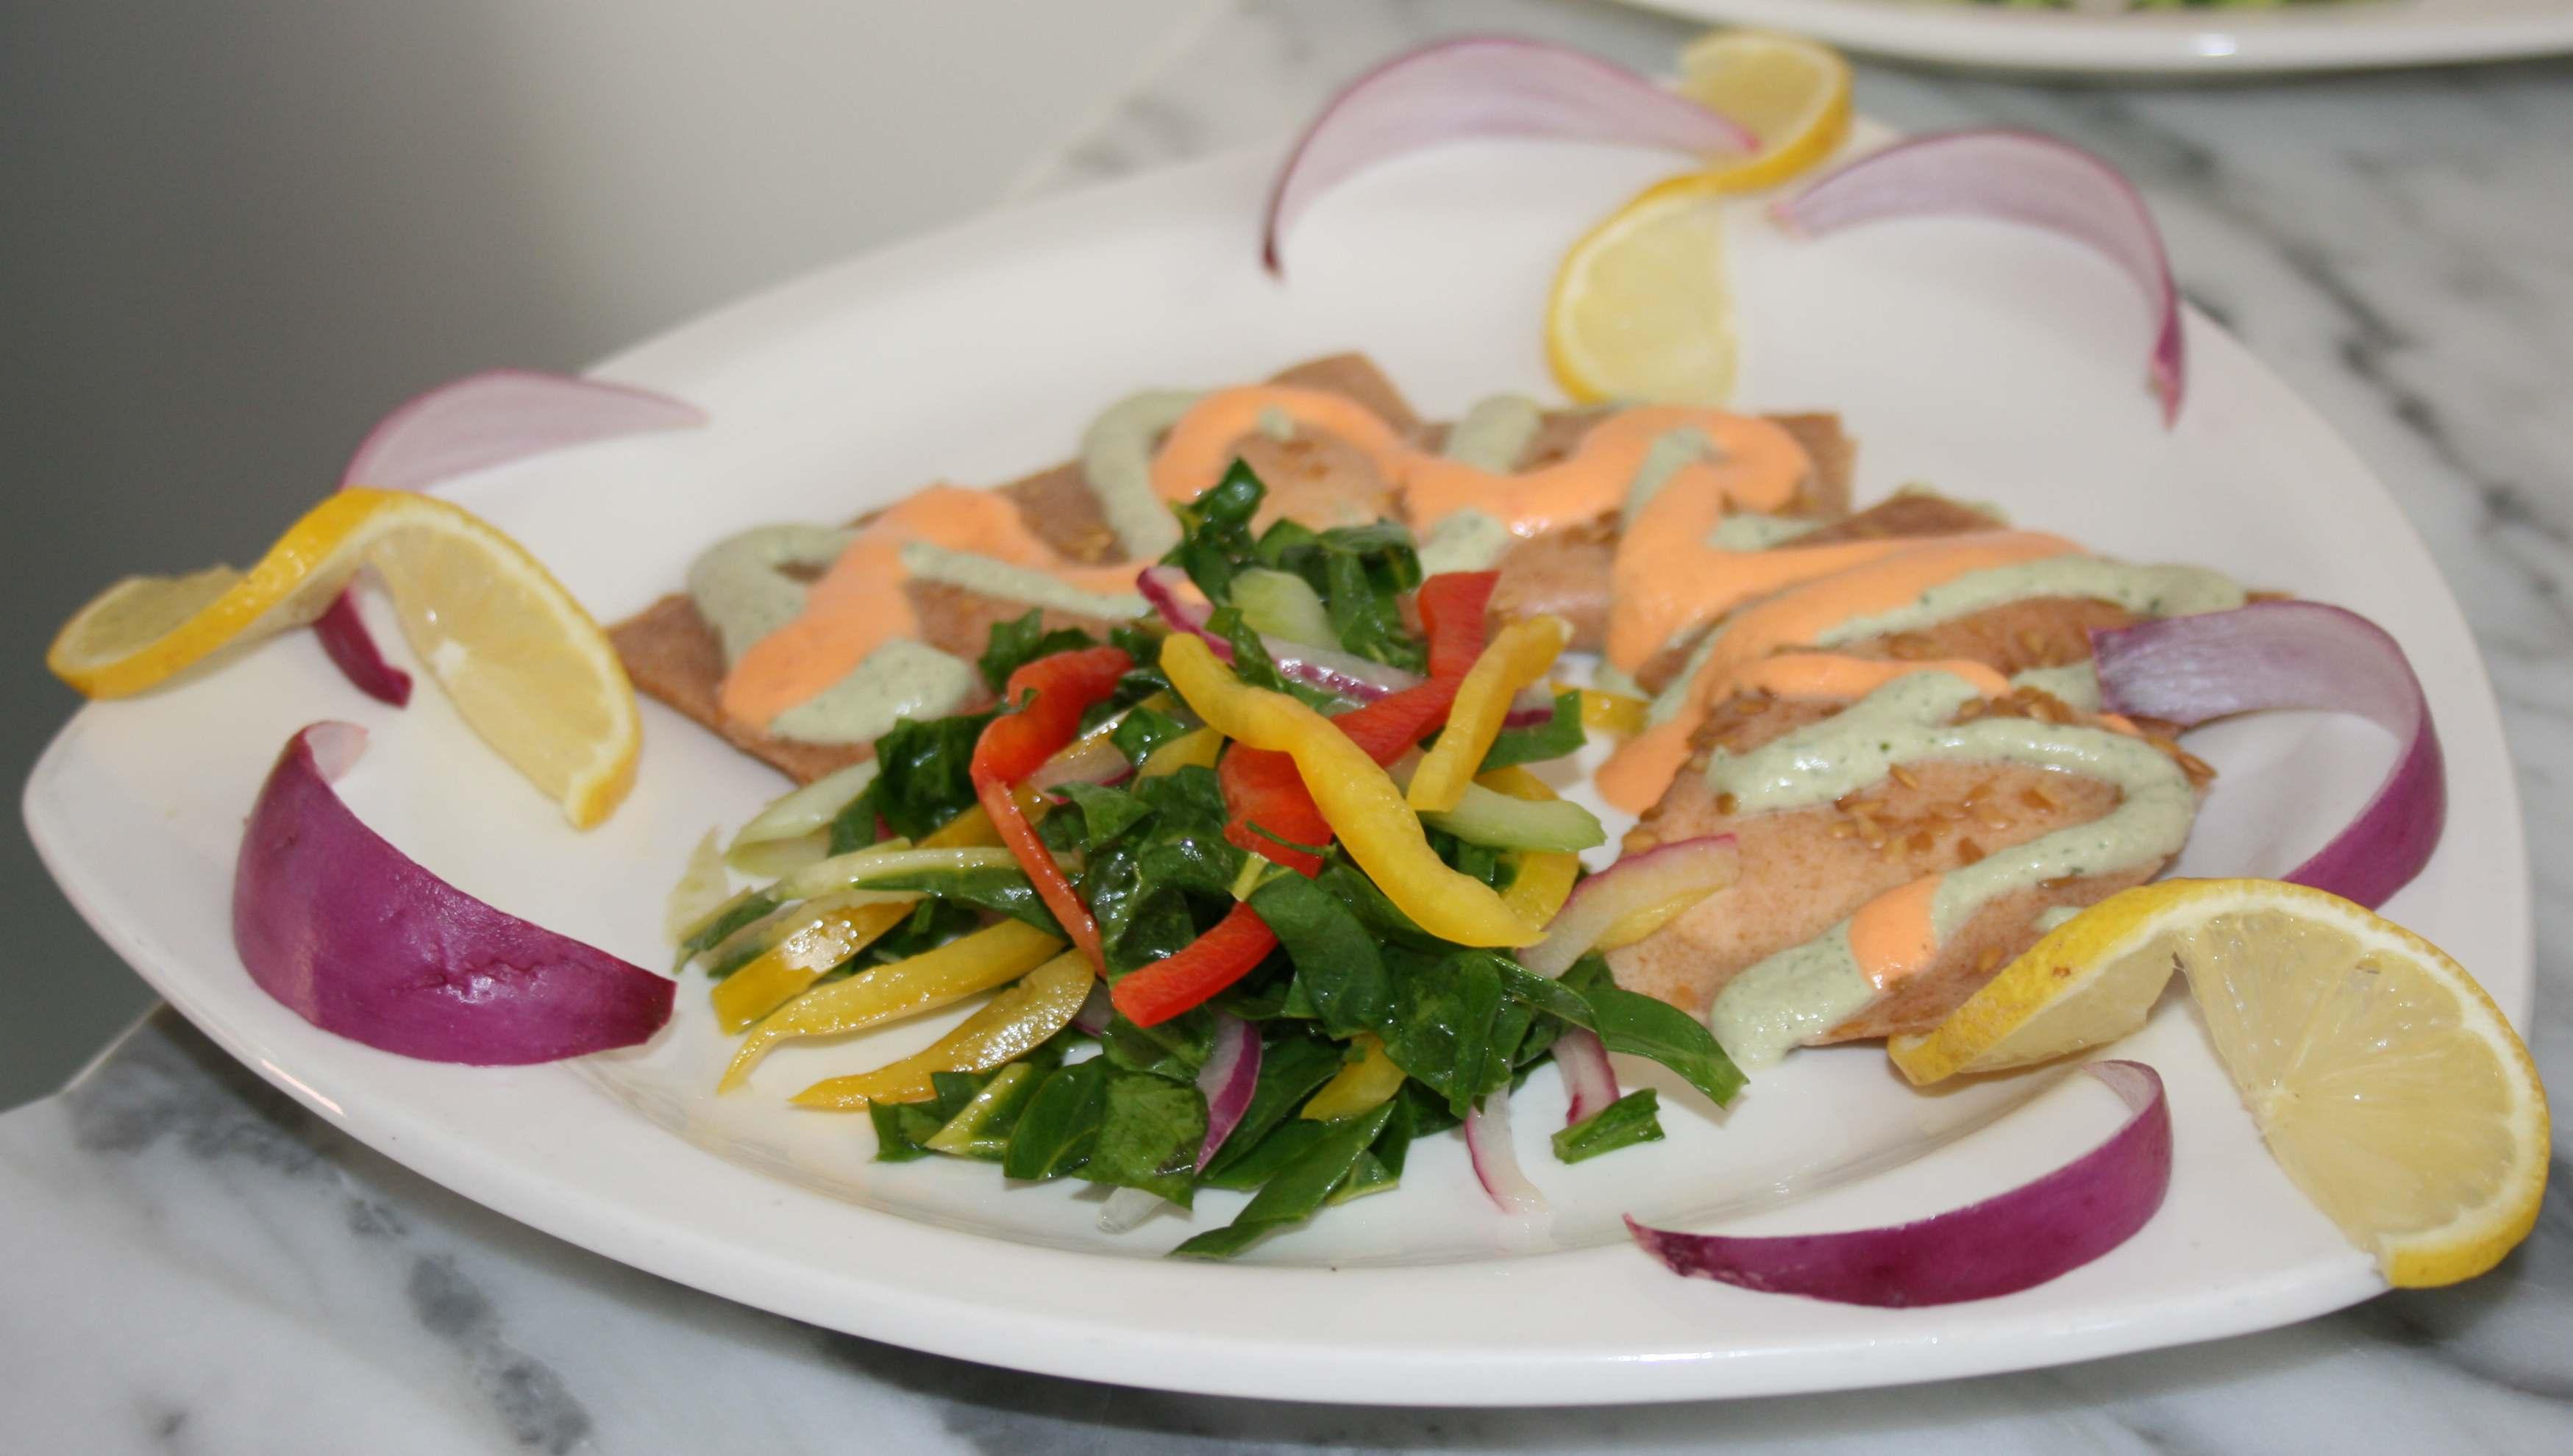 Sanoviv diet, gluten-free, dairy-free, organic